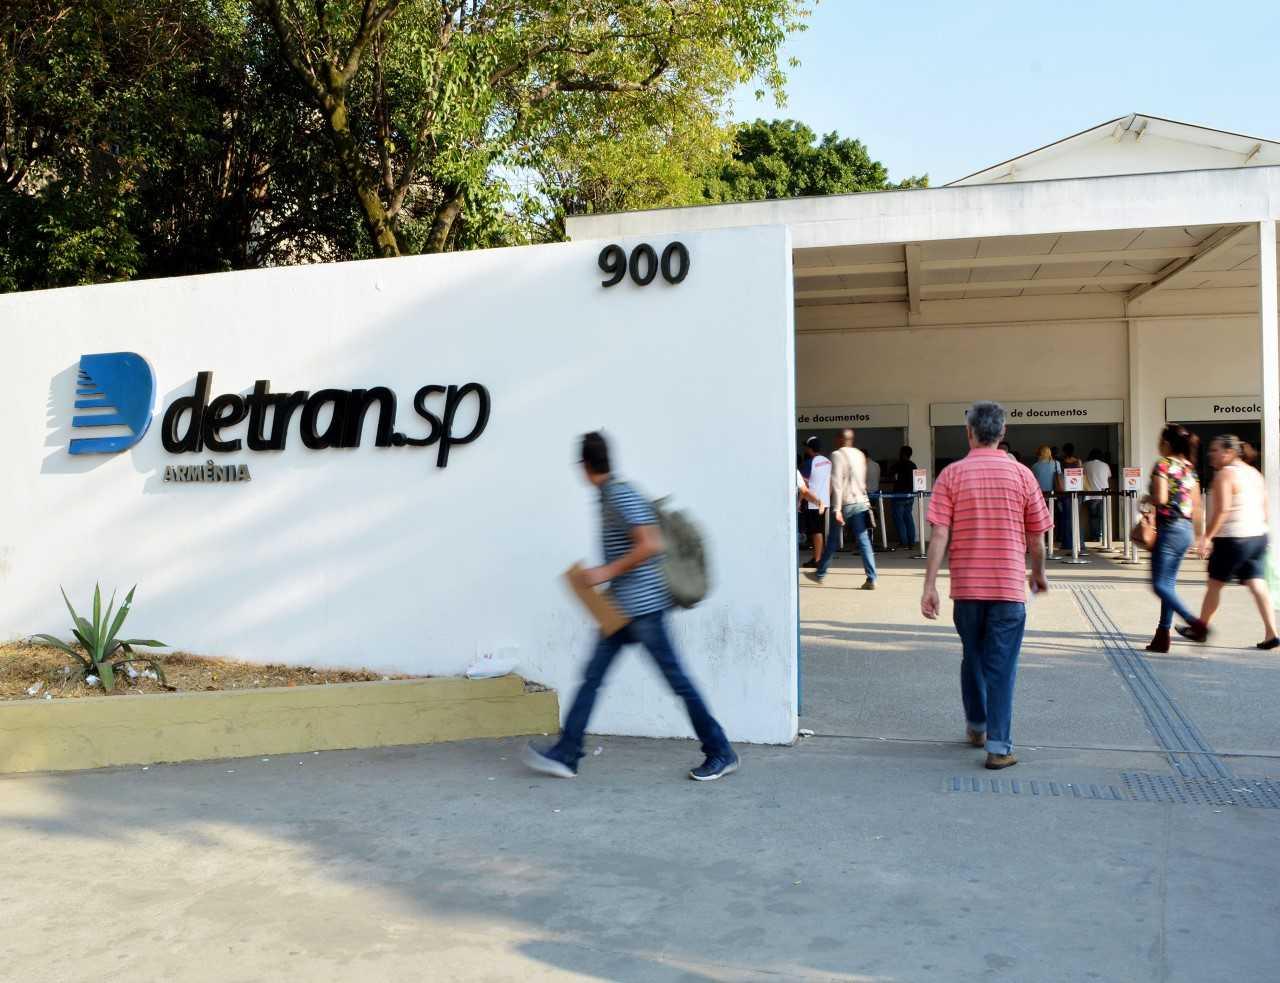 Capital: Detran.SP vai realizar vistorias para inclusão de veículos de aprendizagem nesta quinta-feira (21)